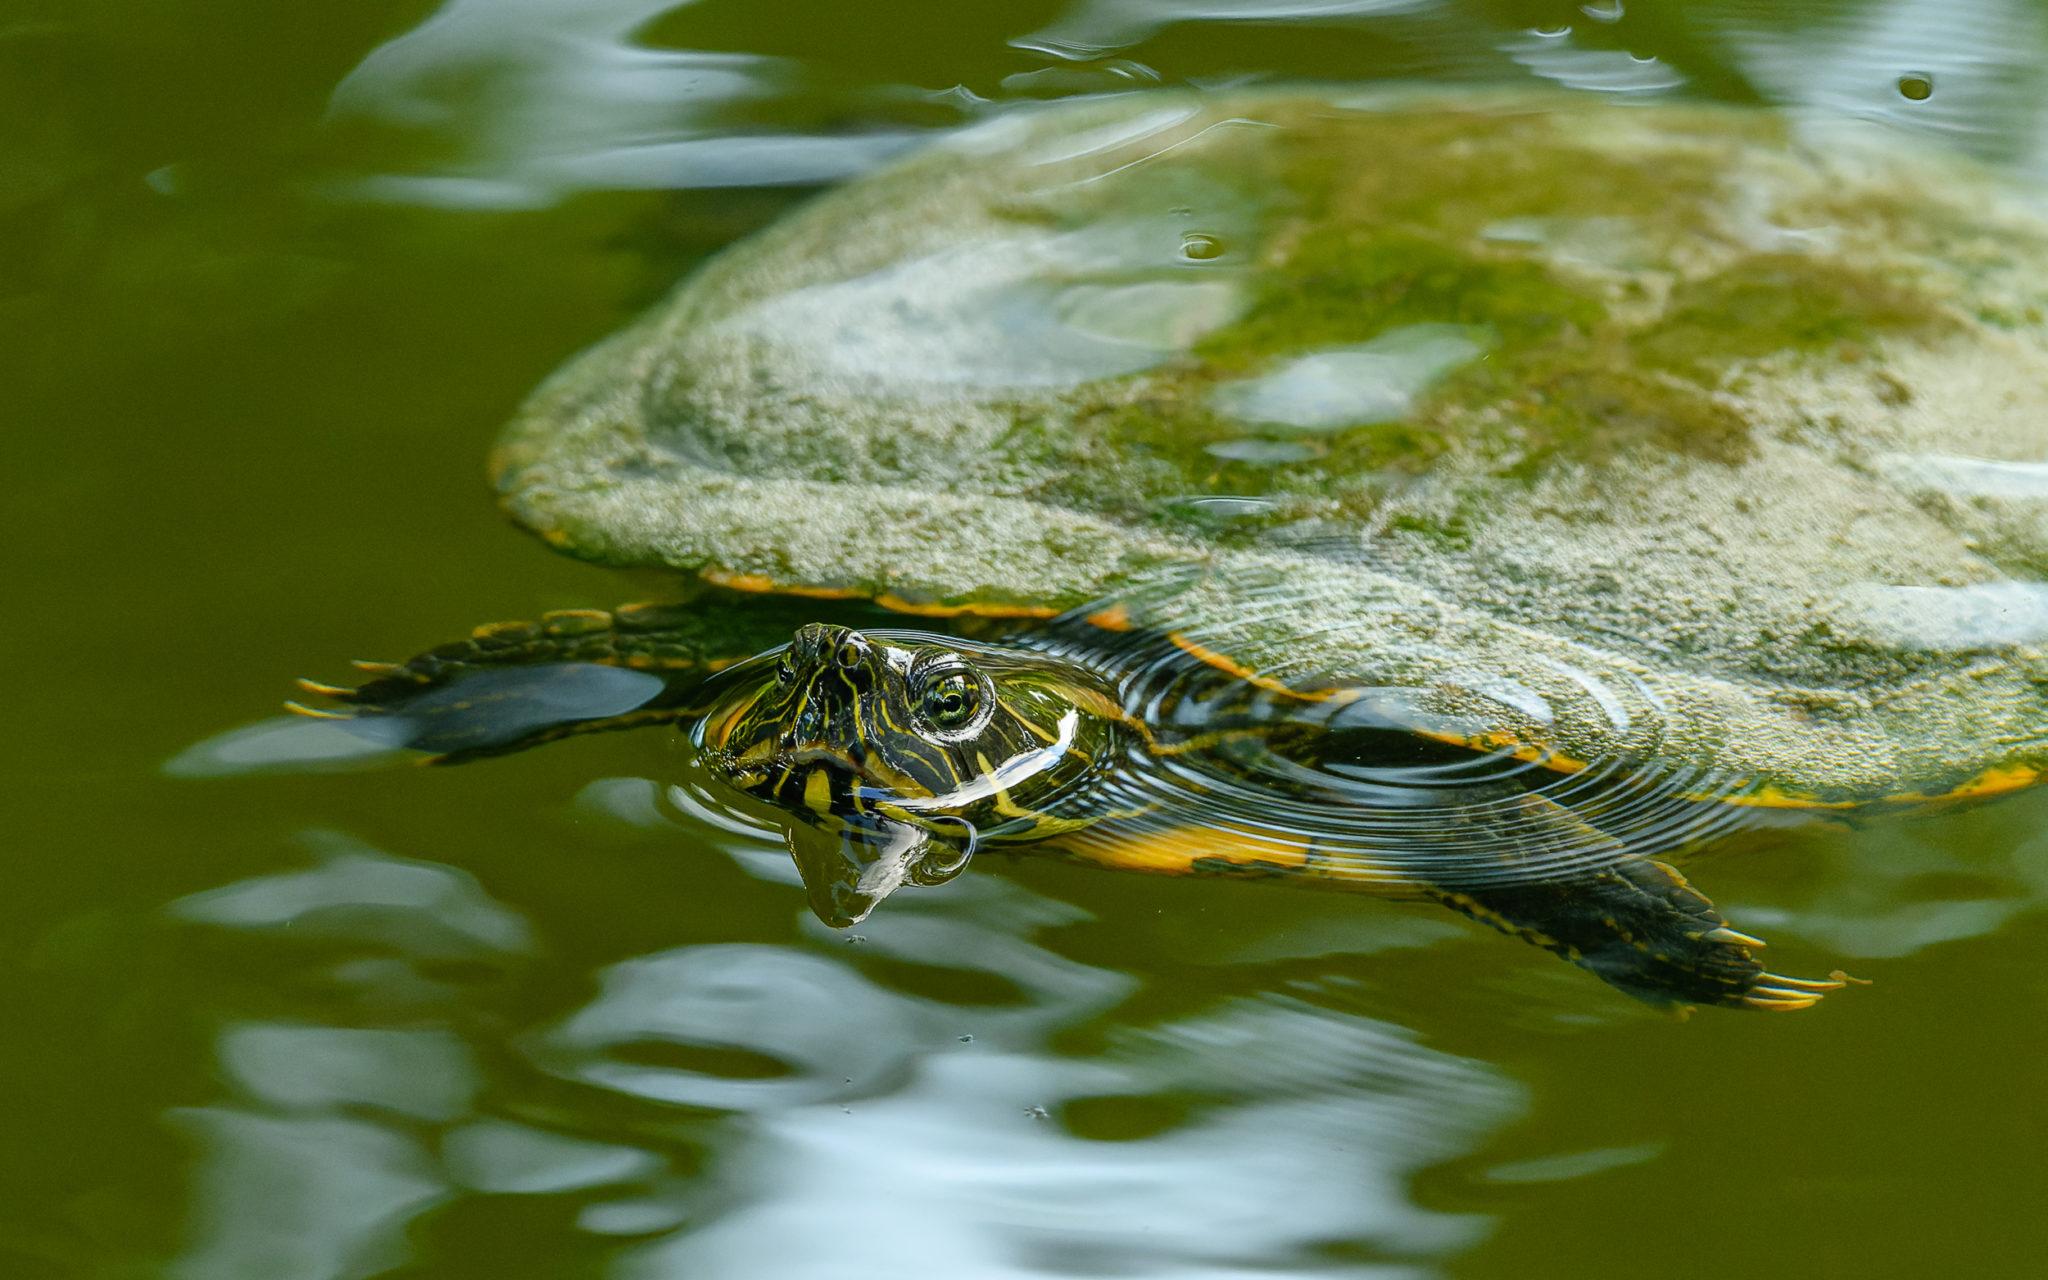 Gelbbauch-Schmuckschildkröte (Trachemys scripta scripta), oder Gelbwangen-Schmuckschildkröte , Naturfotografie Sylvia & Olaf Rentzsch